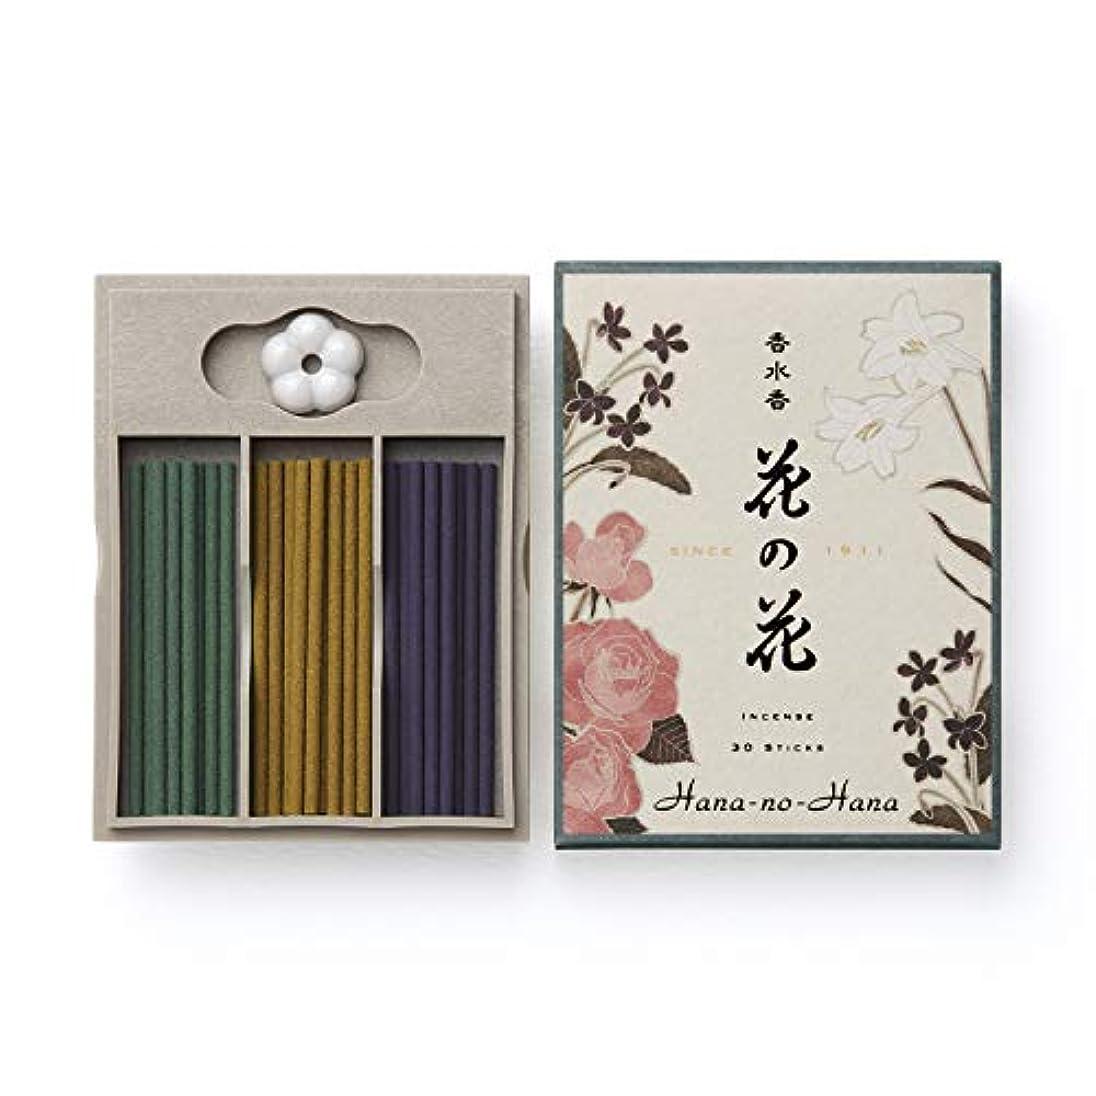 バラ色星ティッシュ日本香堂 香水香 花の花 三種入 スティック30本入 ばら・ゆり・すみれ